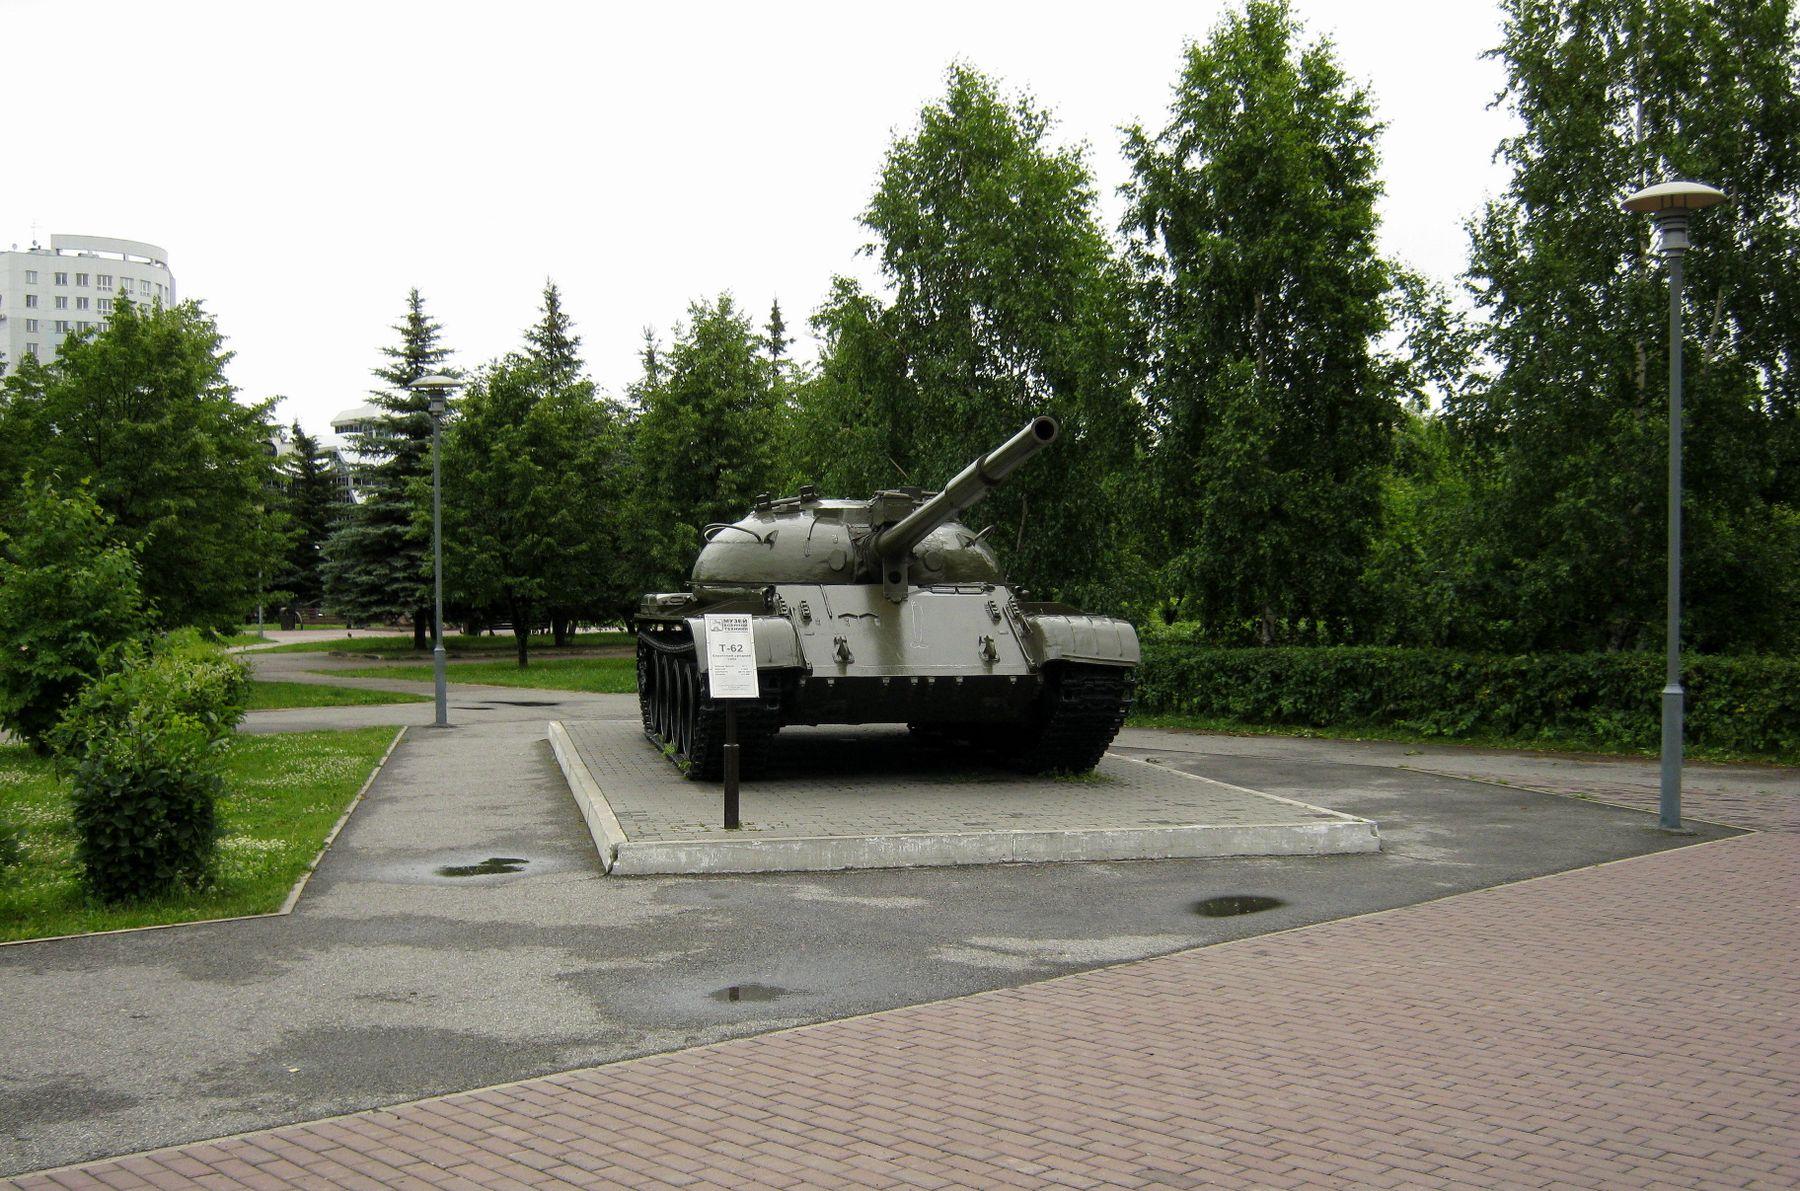 Музей военной техники. Путешествия техника природа архитектура